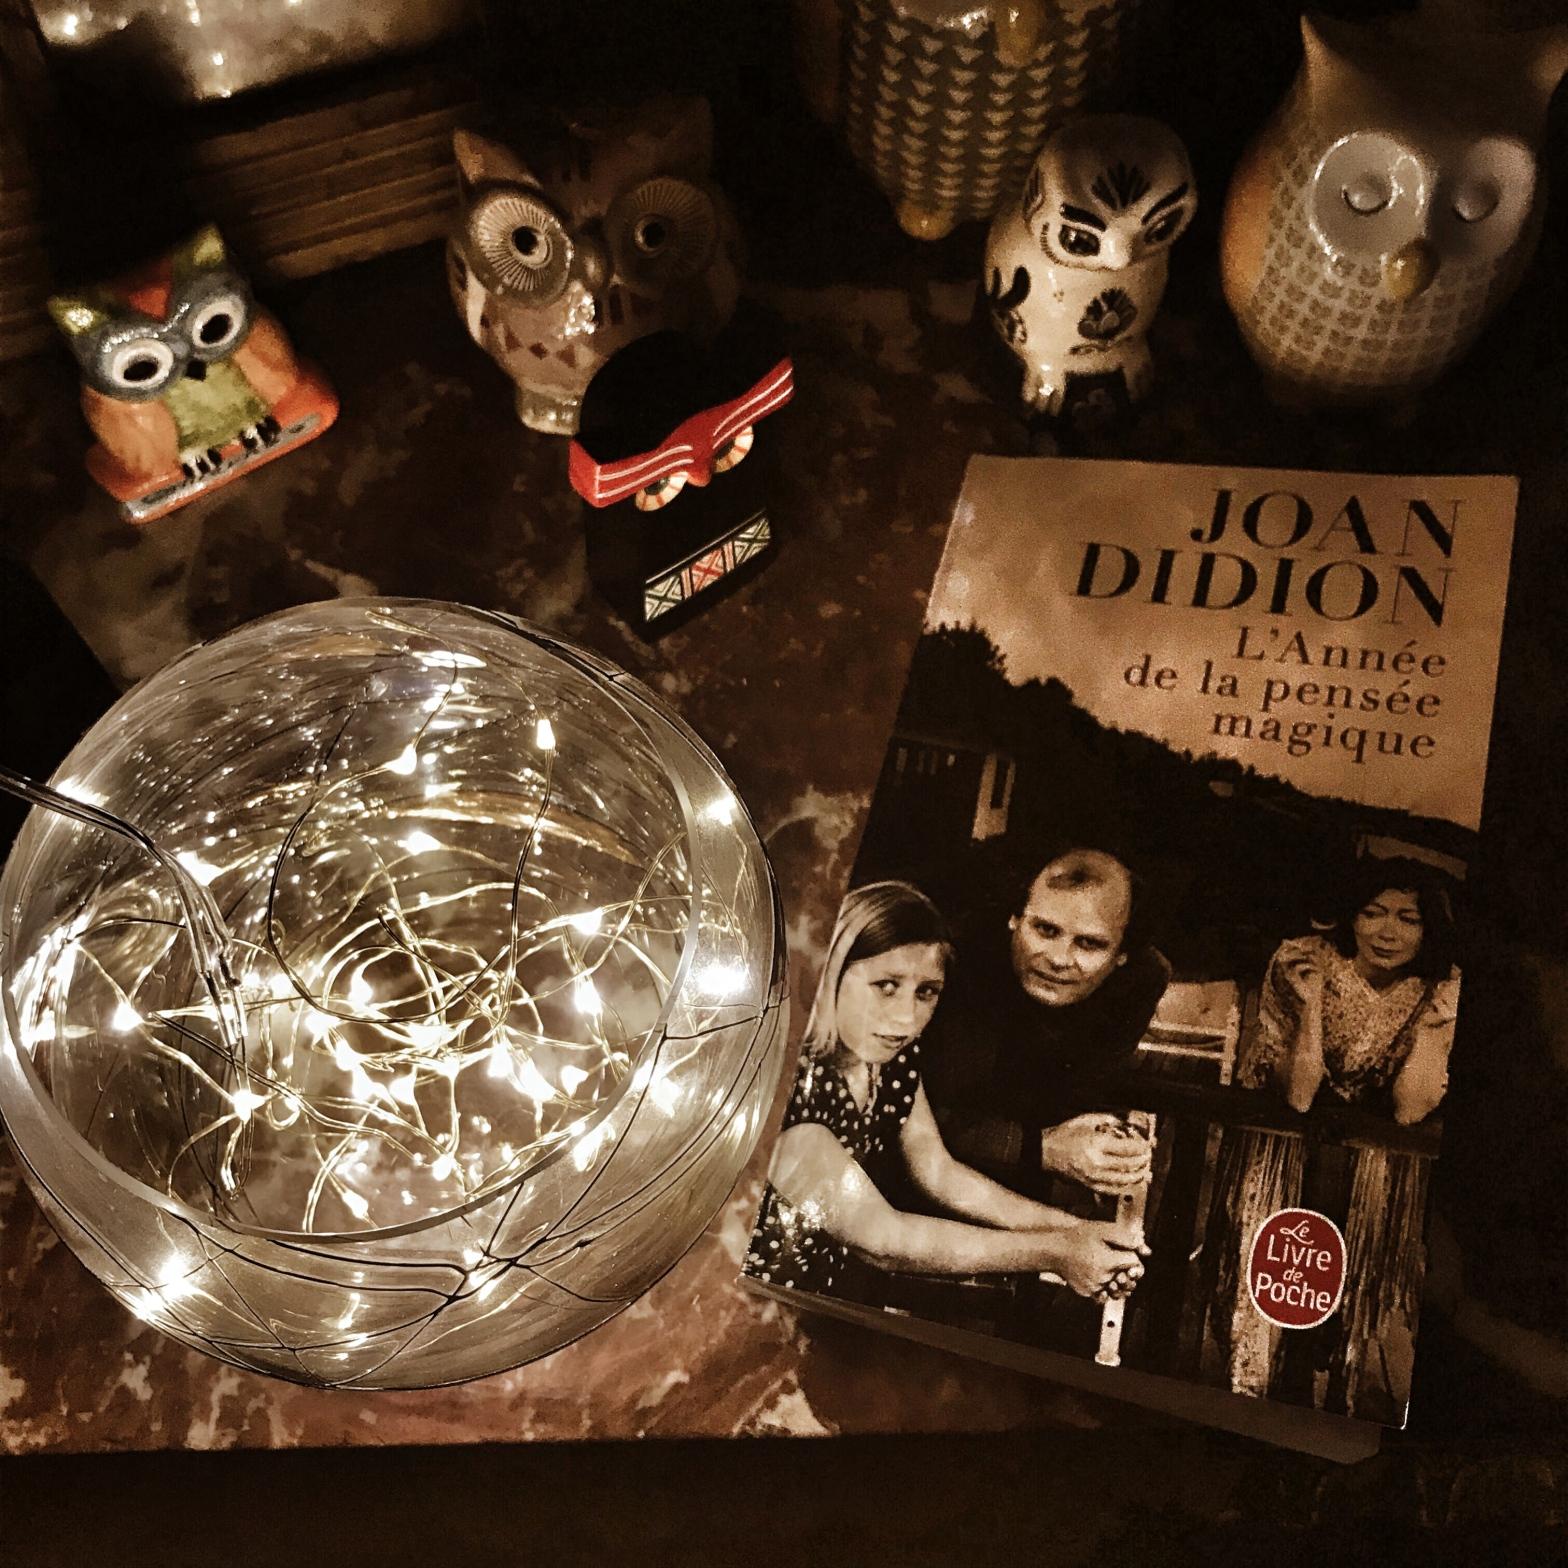 L'année de la pensée magique, de Joan Didion : l'indicible du deuil